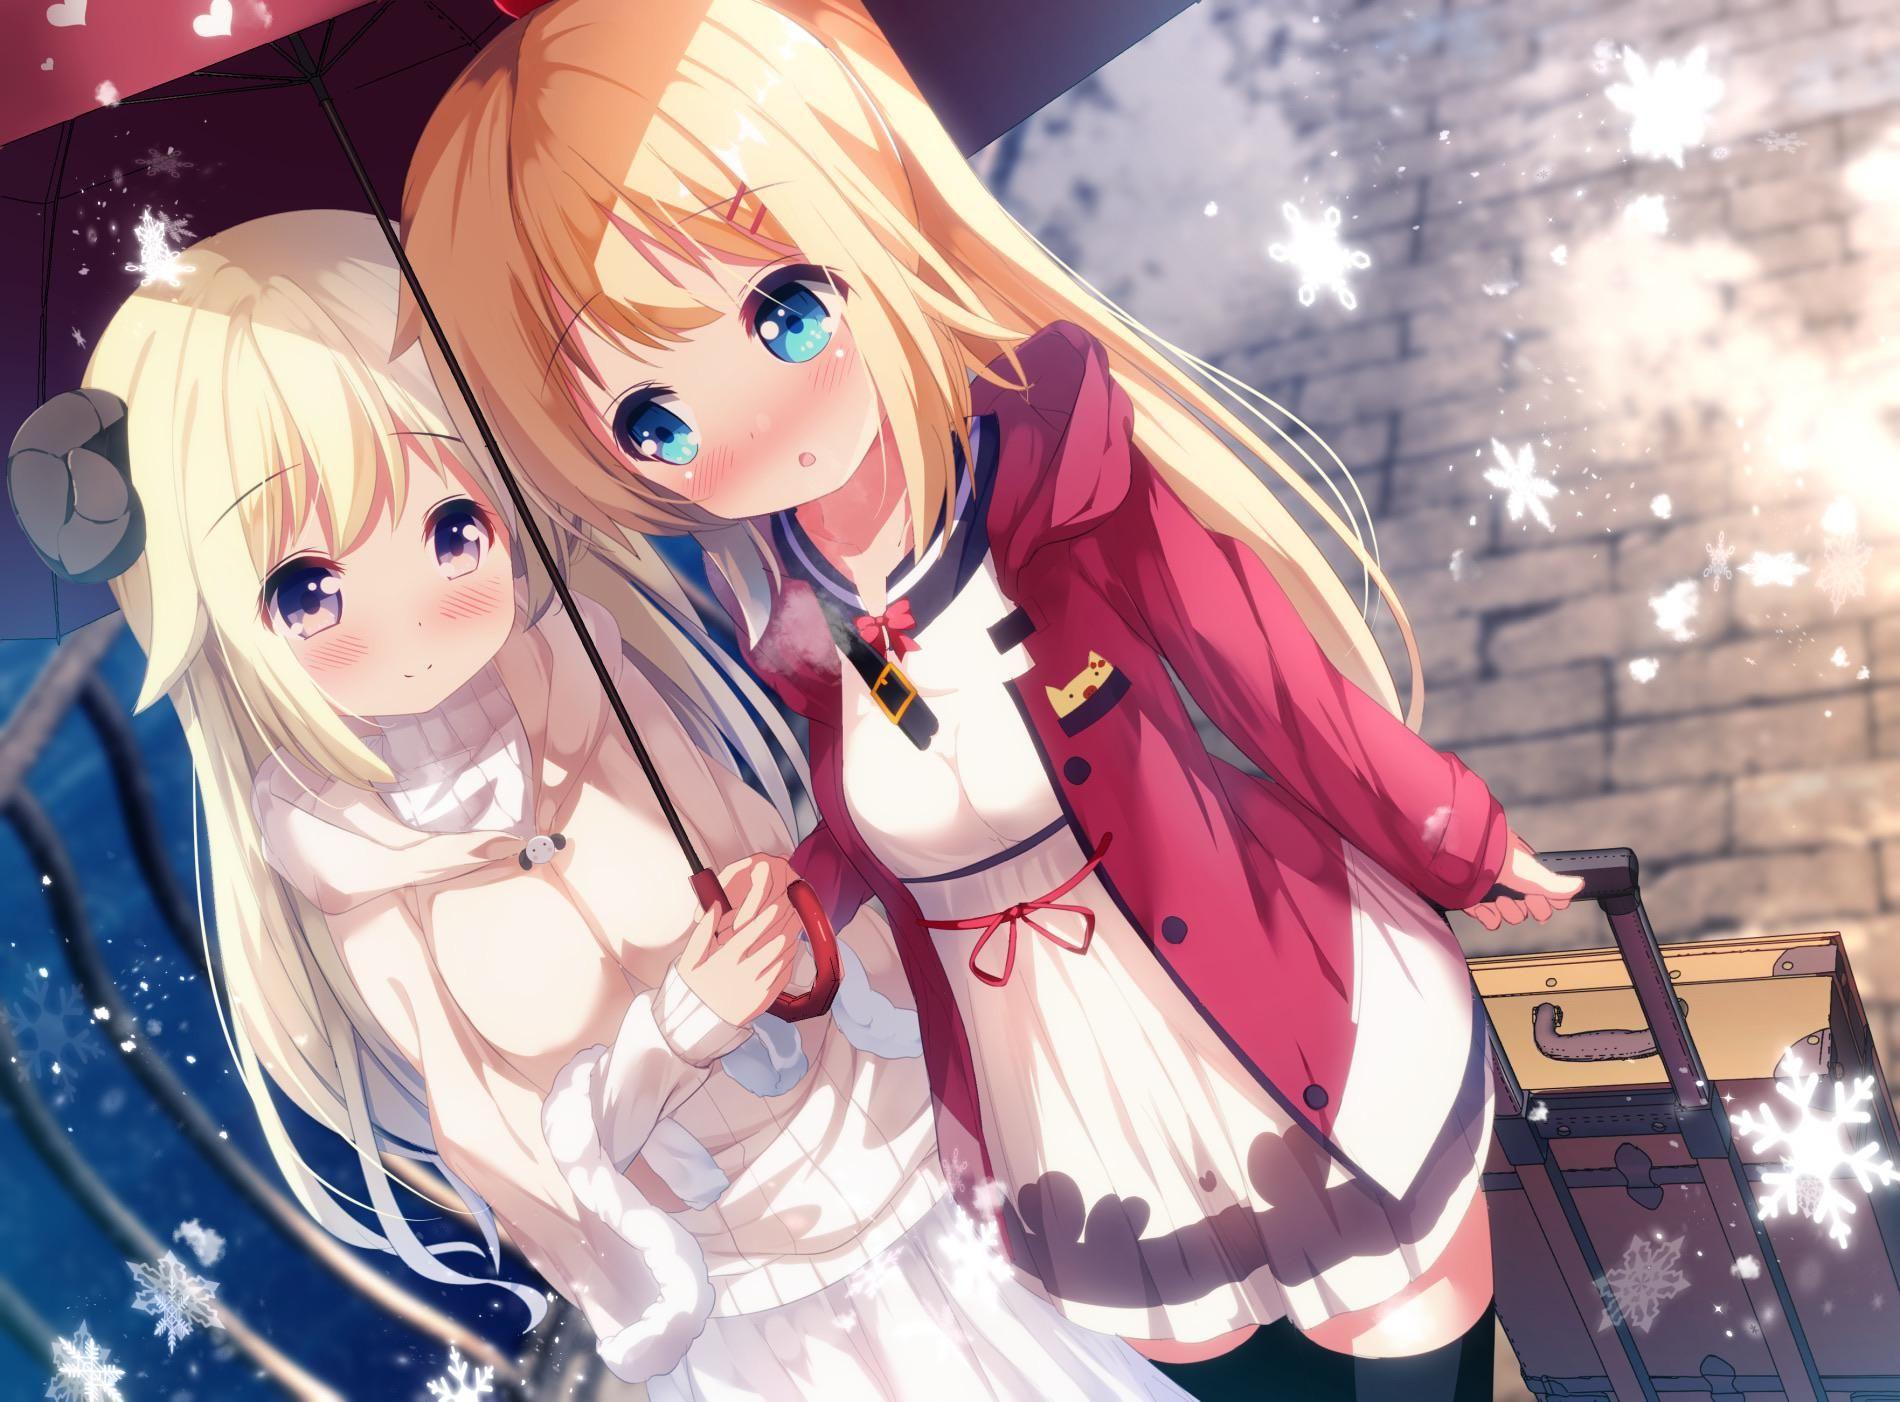 Umbrella [Original] in 2020 Anime sisters, Manga girl